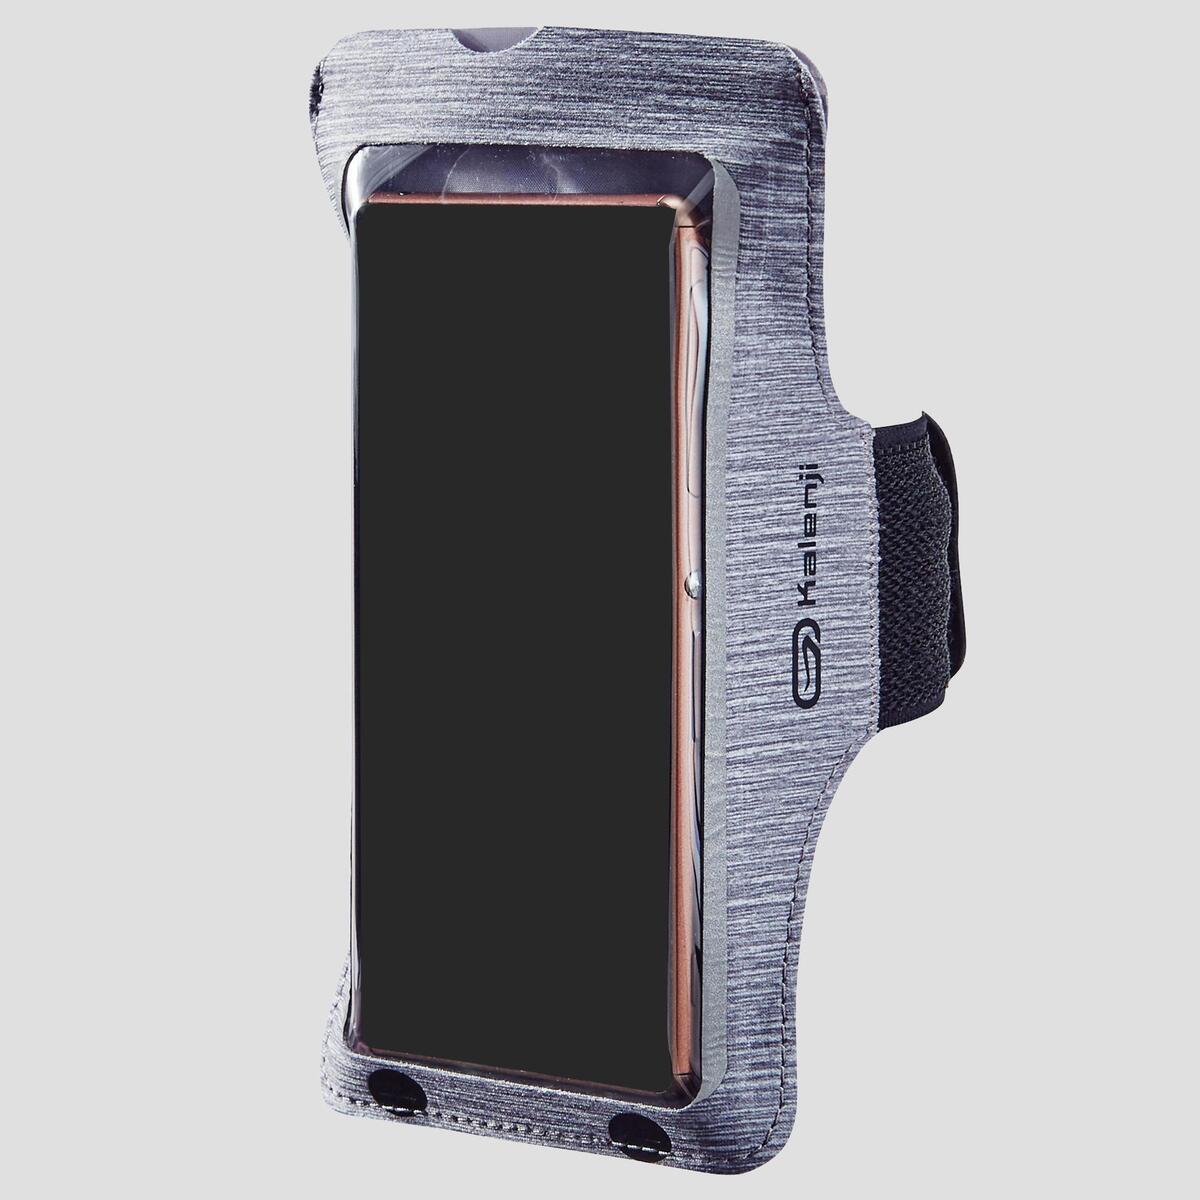 Bild 2 von Laufarmband für große Smartphones grau